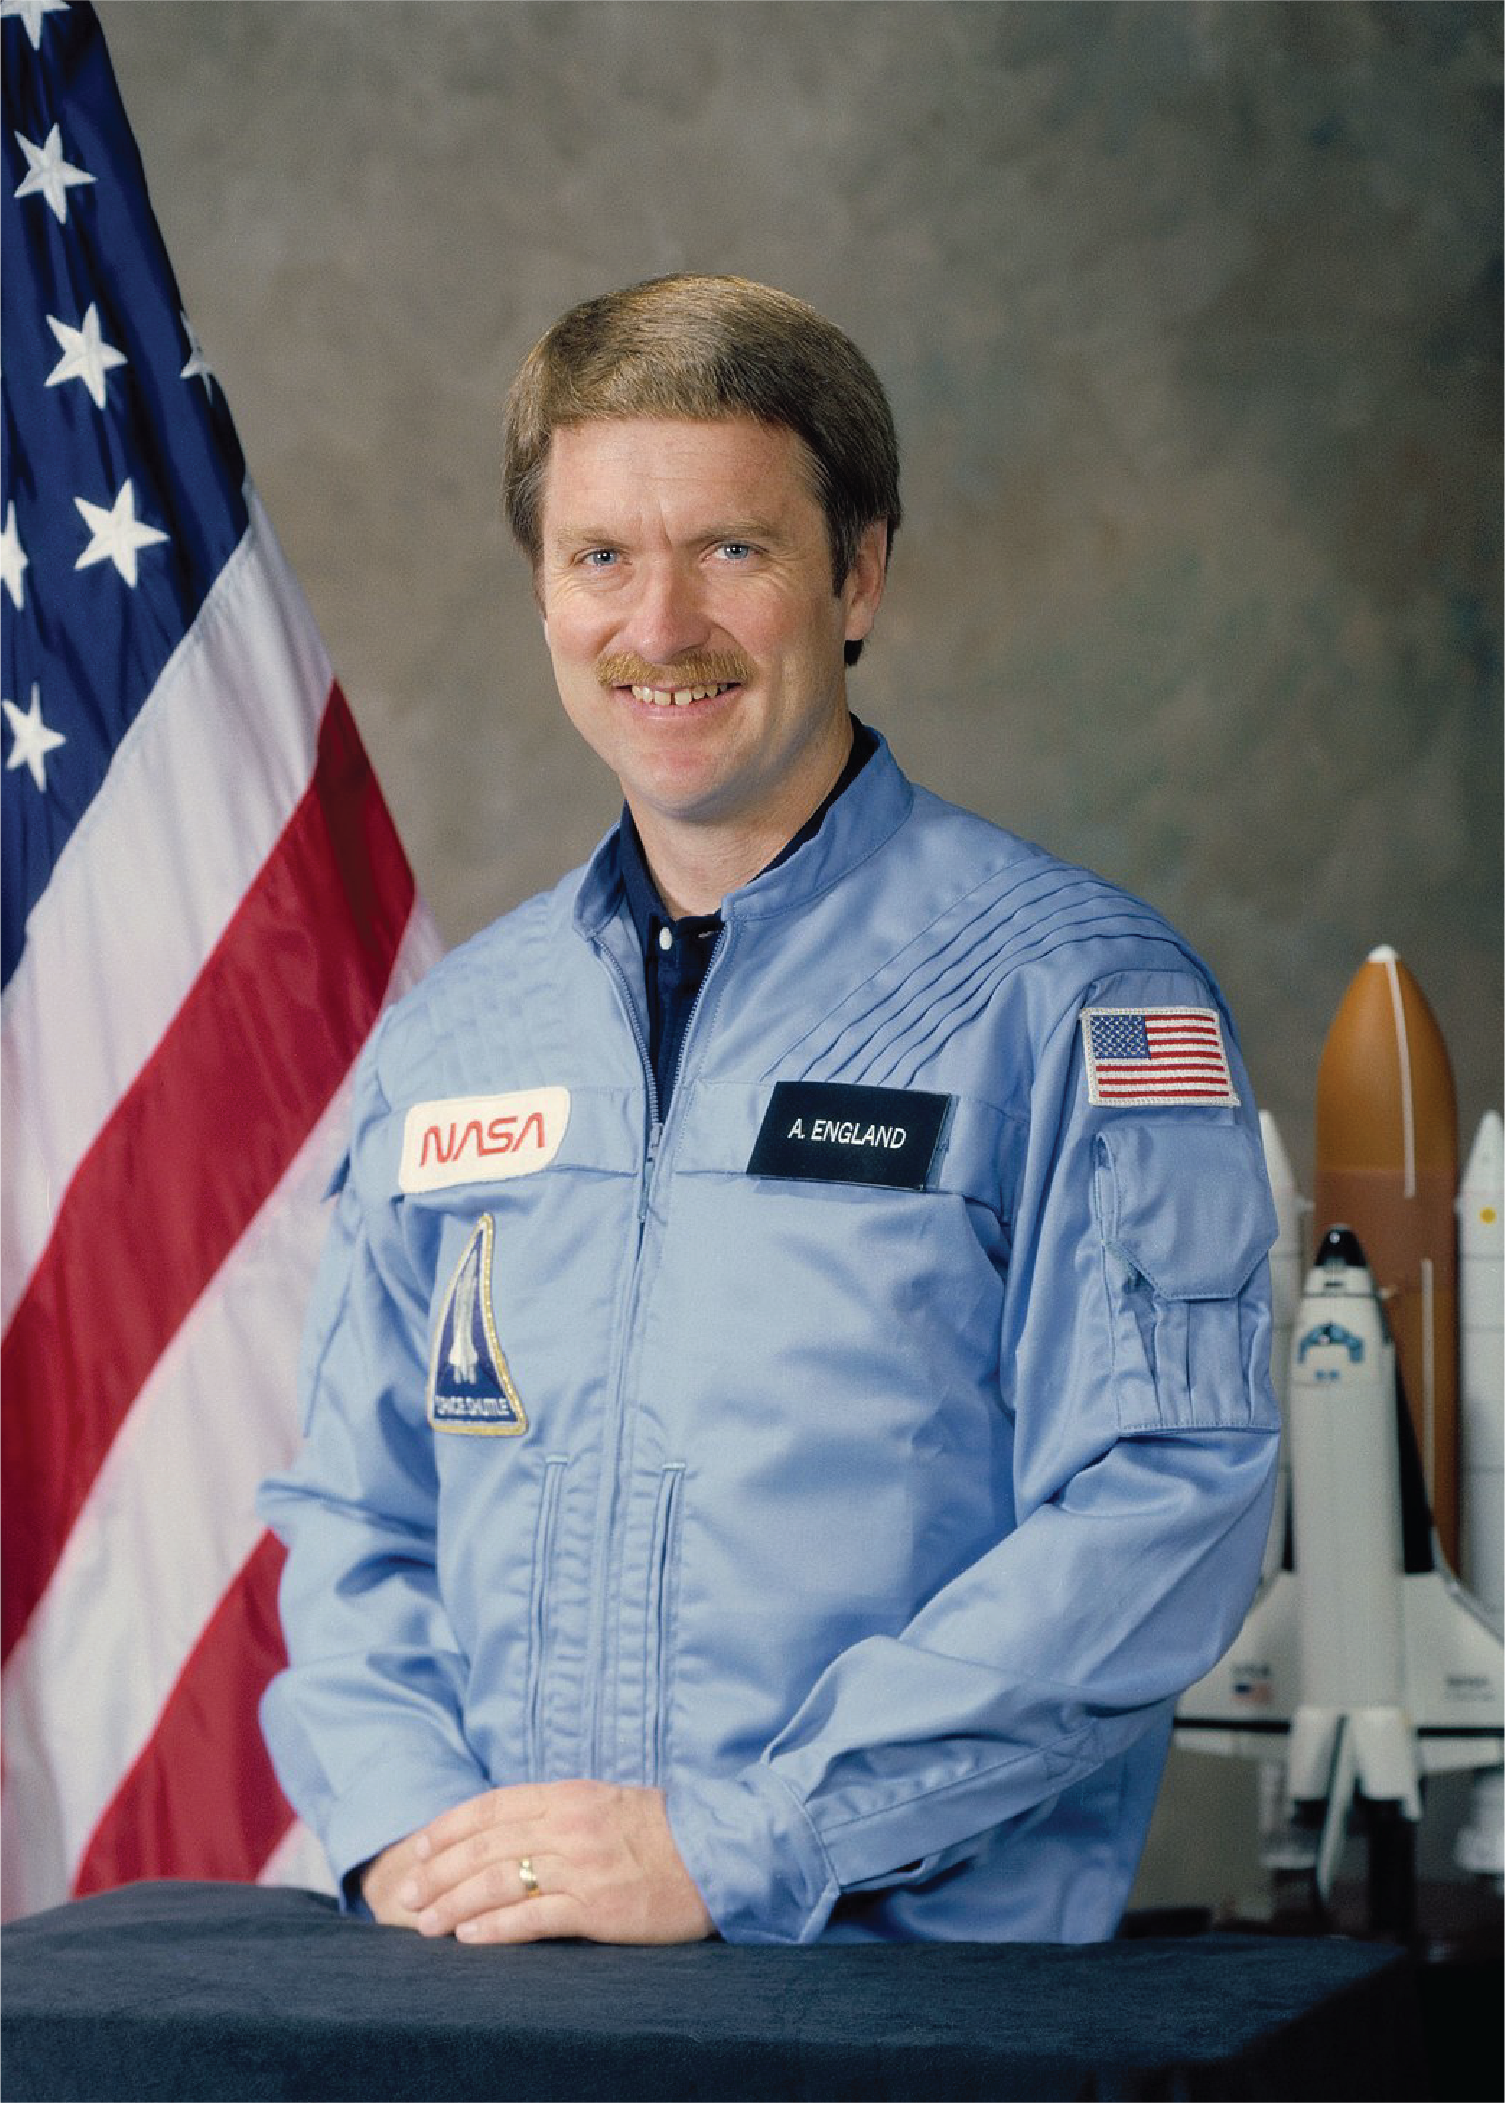 Astronaut Anthony W. England